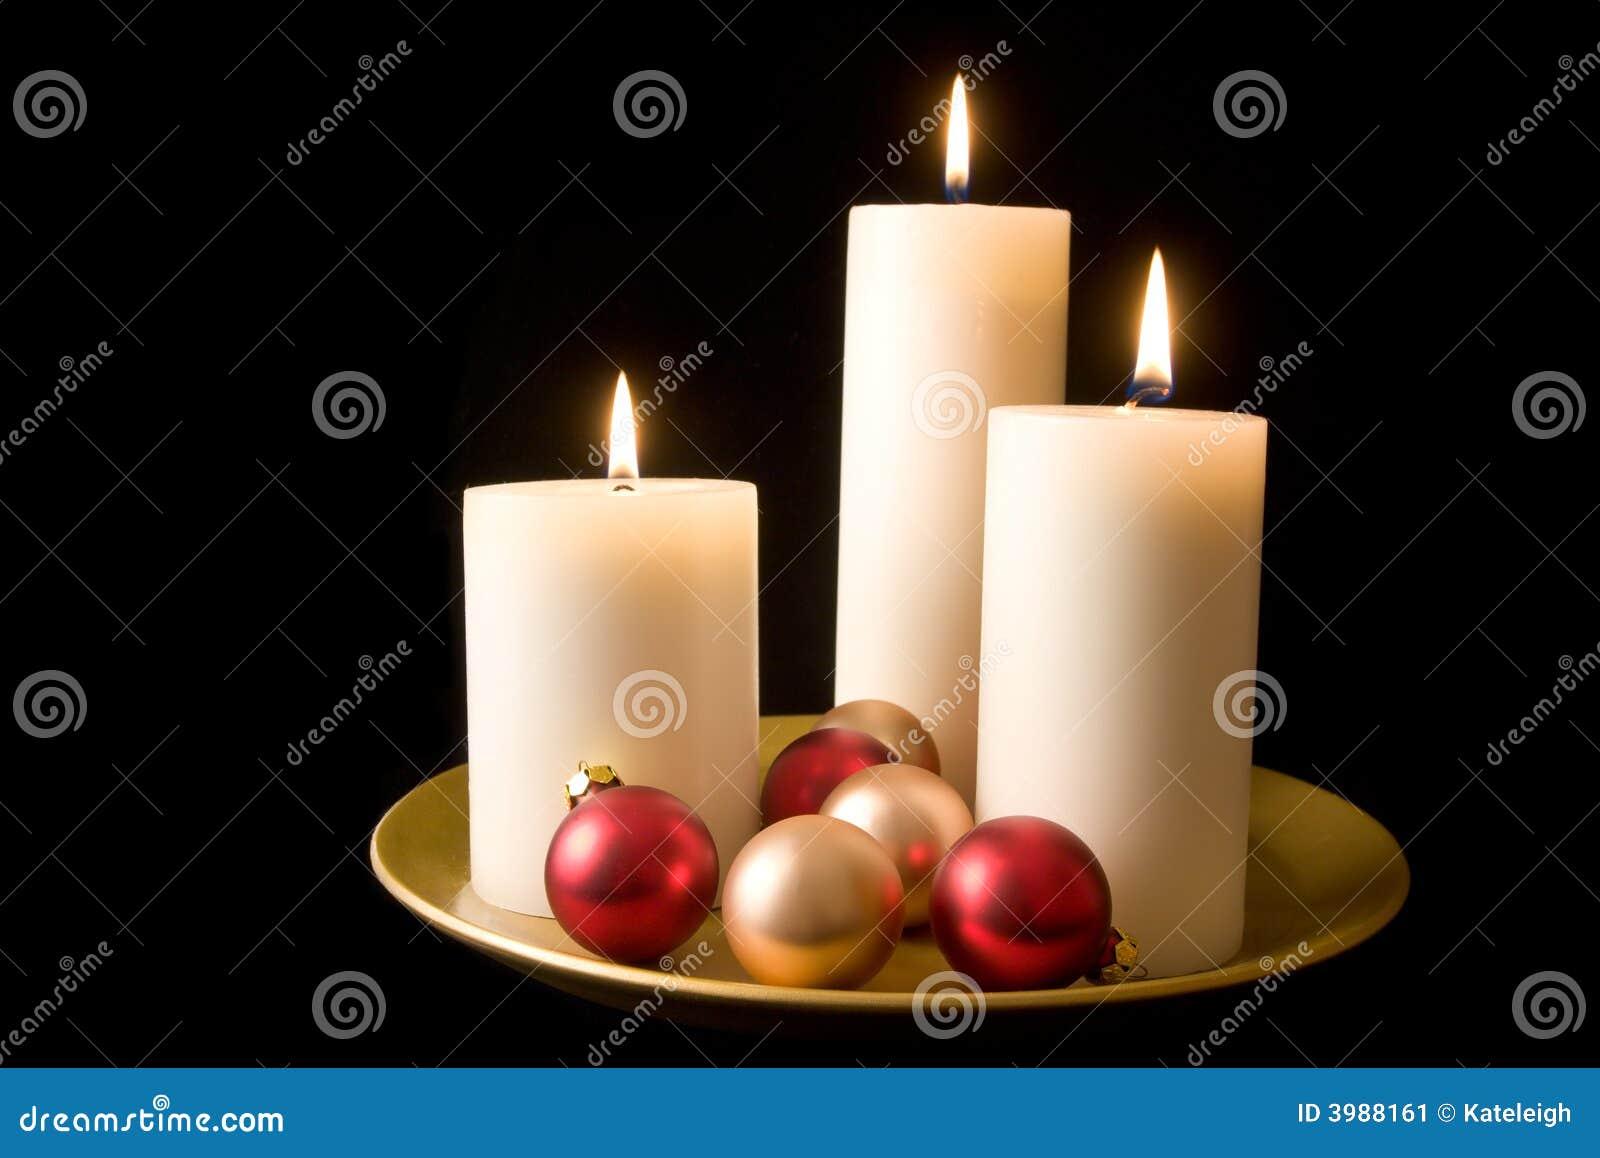 Visualizzazione decorativa della candela